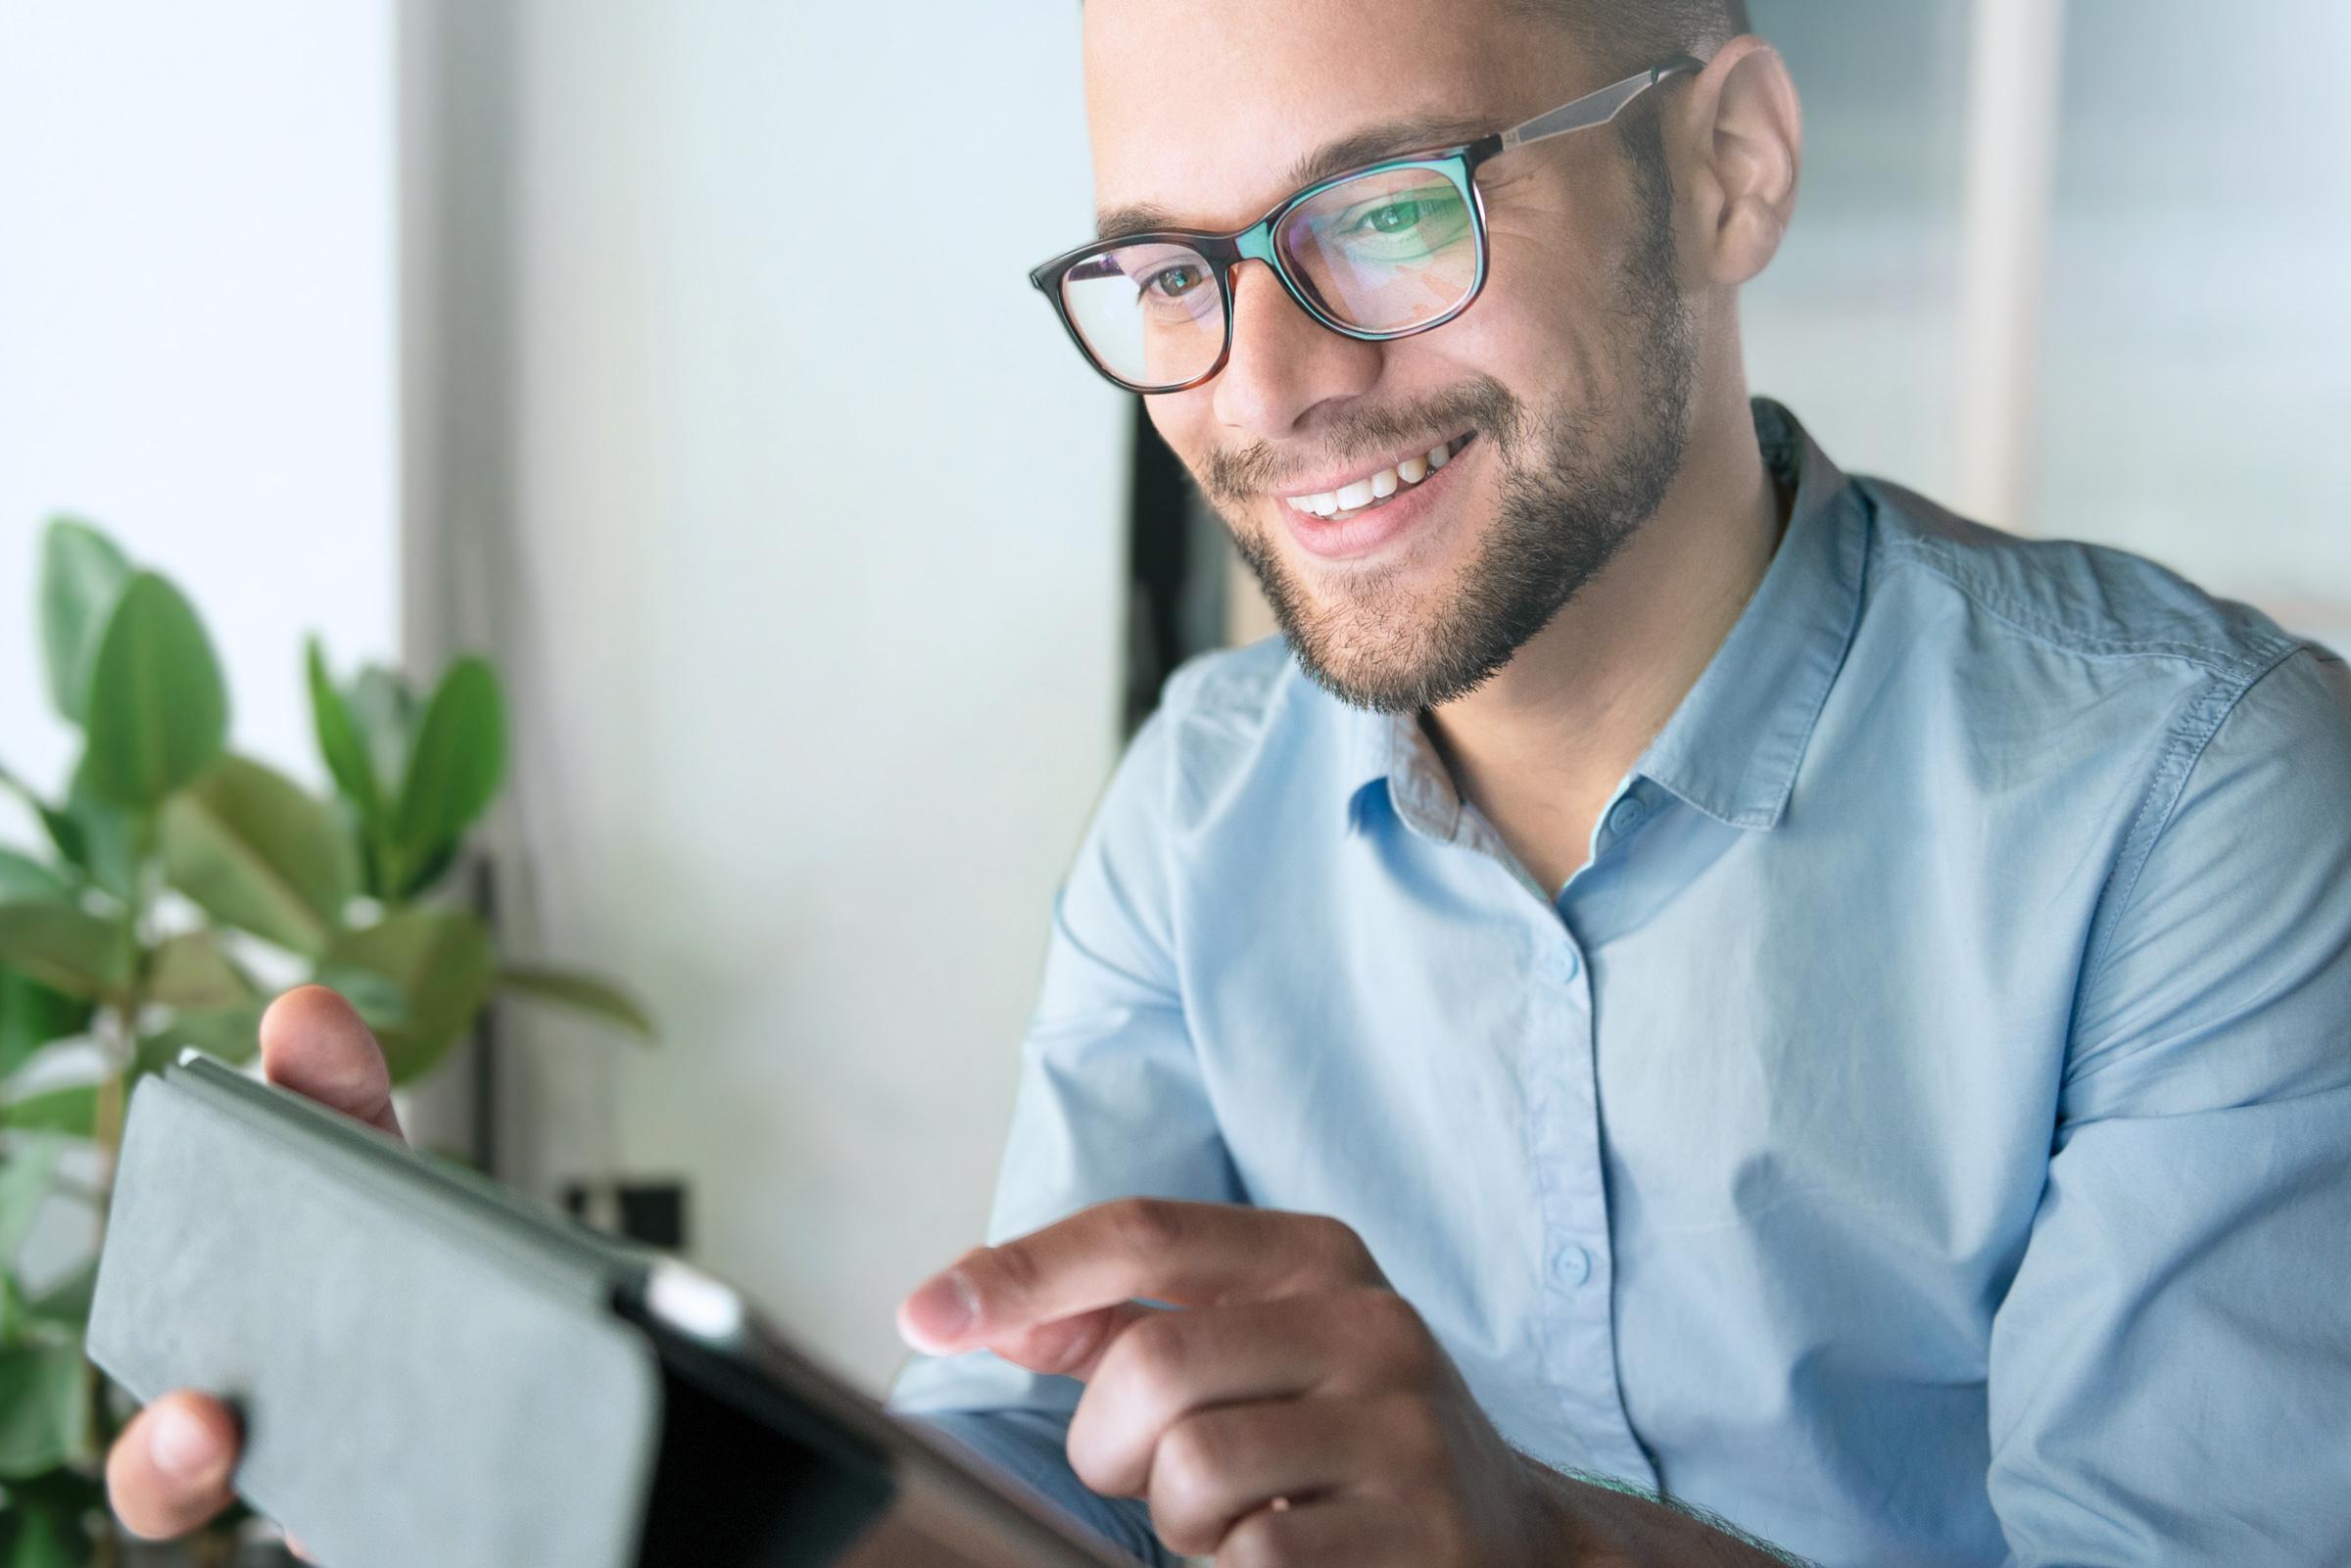 Négociez des actions à l'aide du logiciel de trading par l'intermédiaire de LYNX